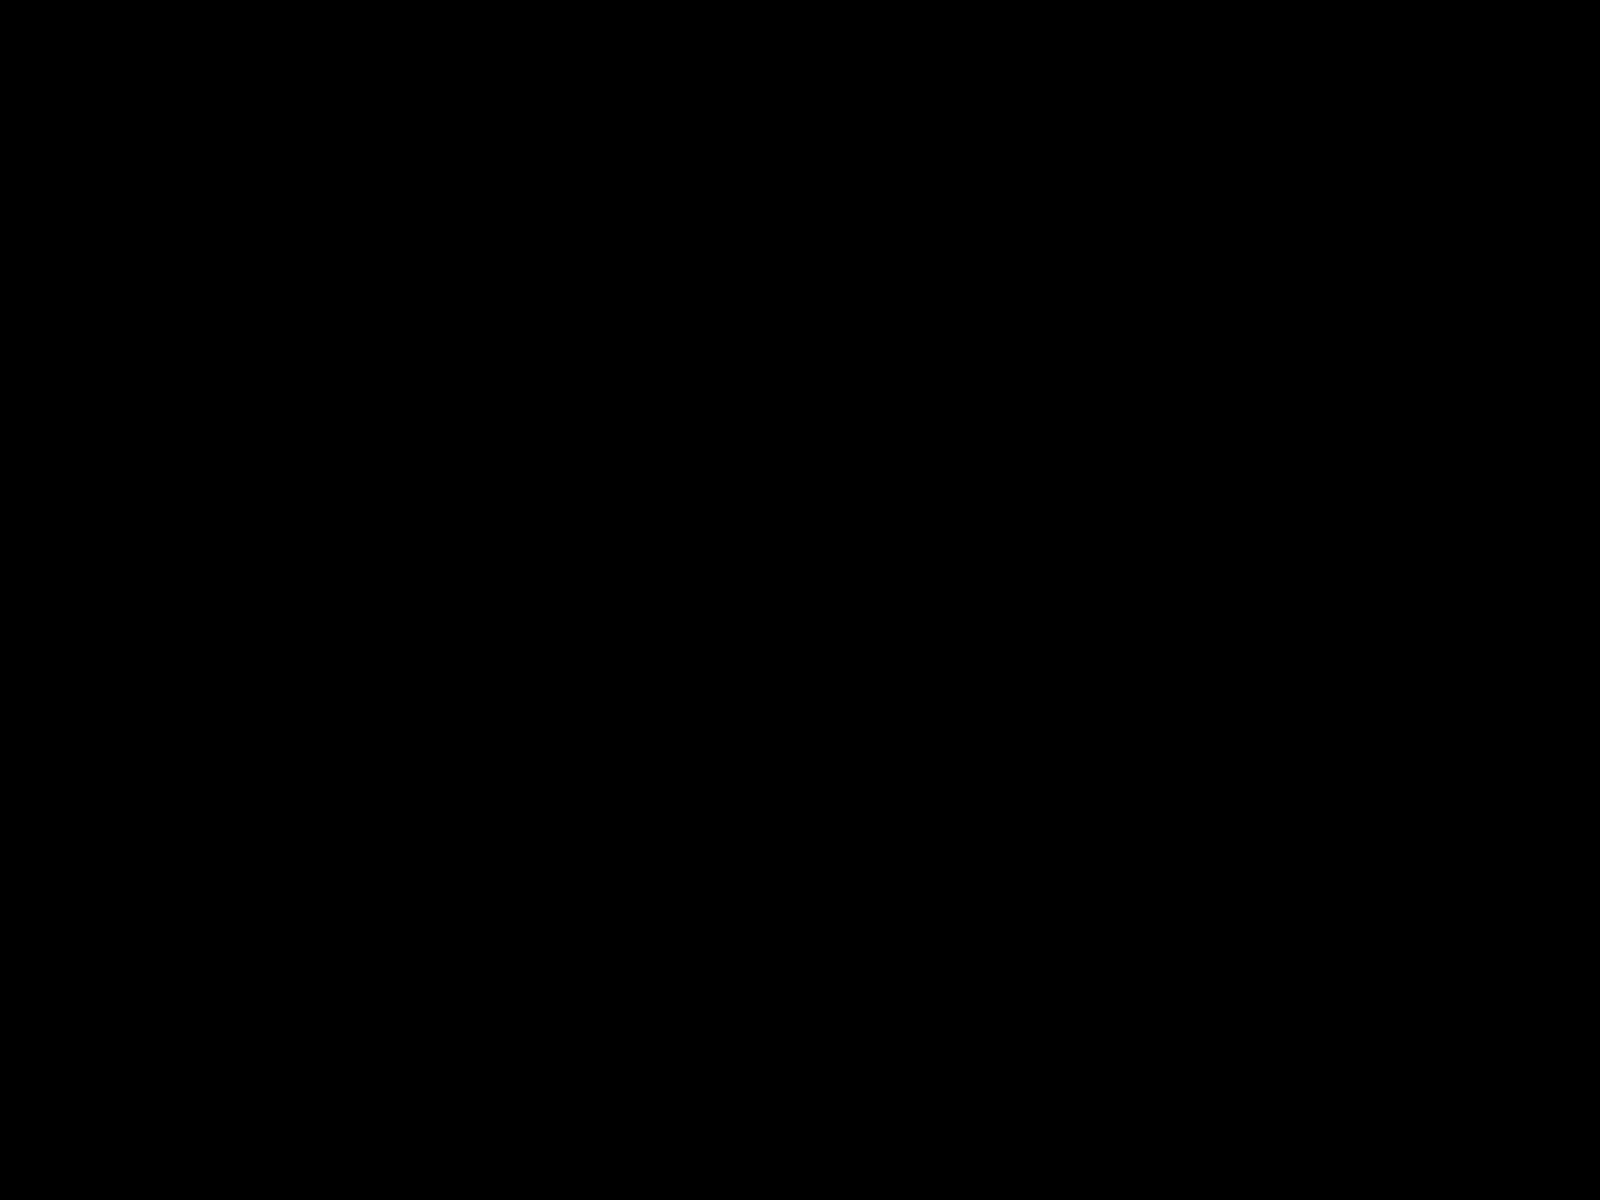 AC48B3A2-0FB0-4A72-A31B-3FD580F2583F